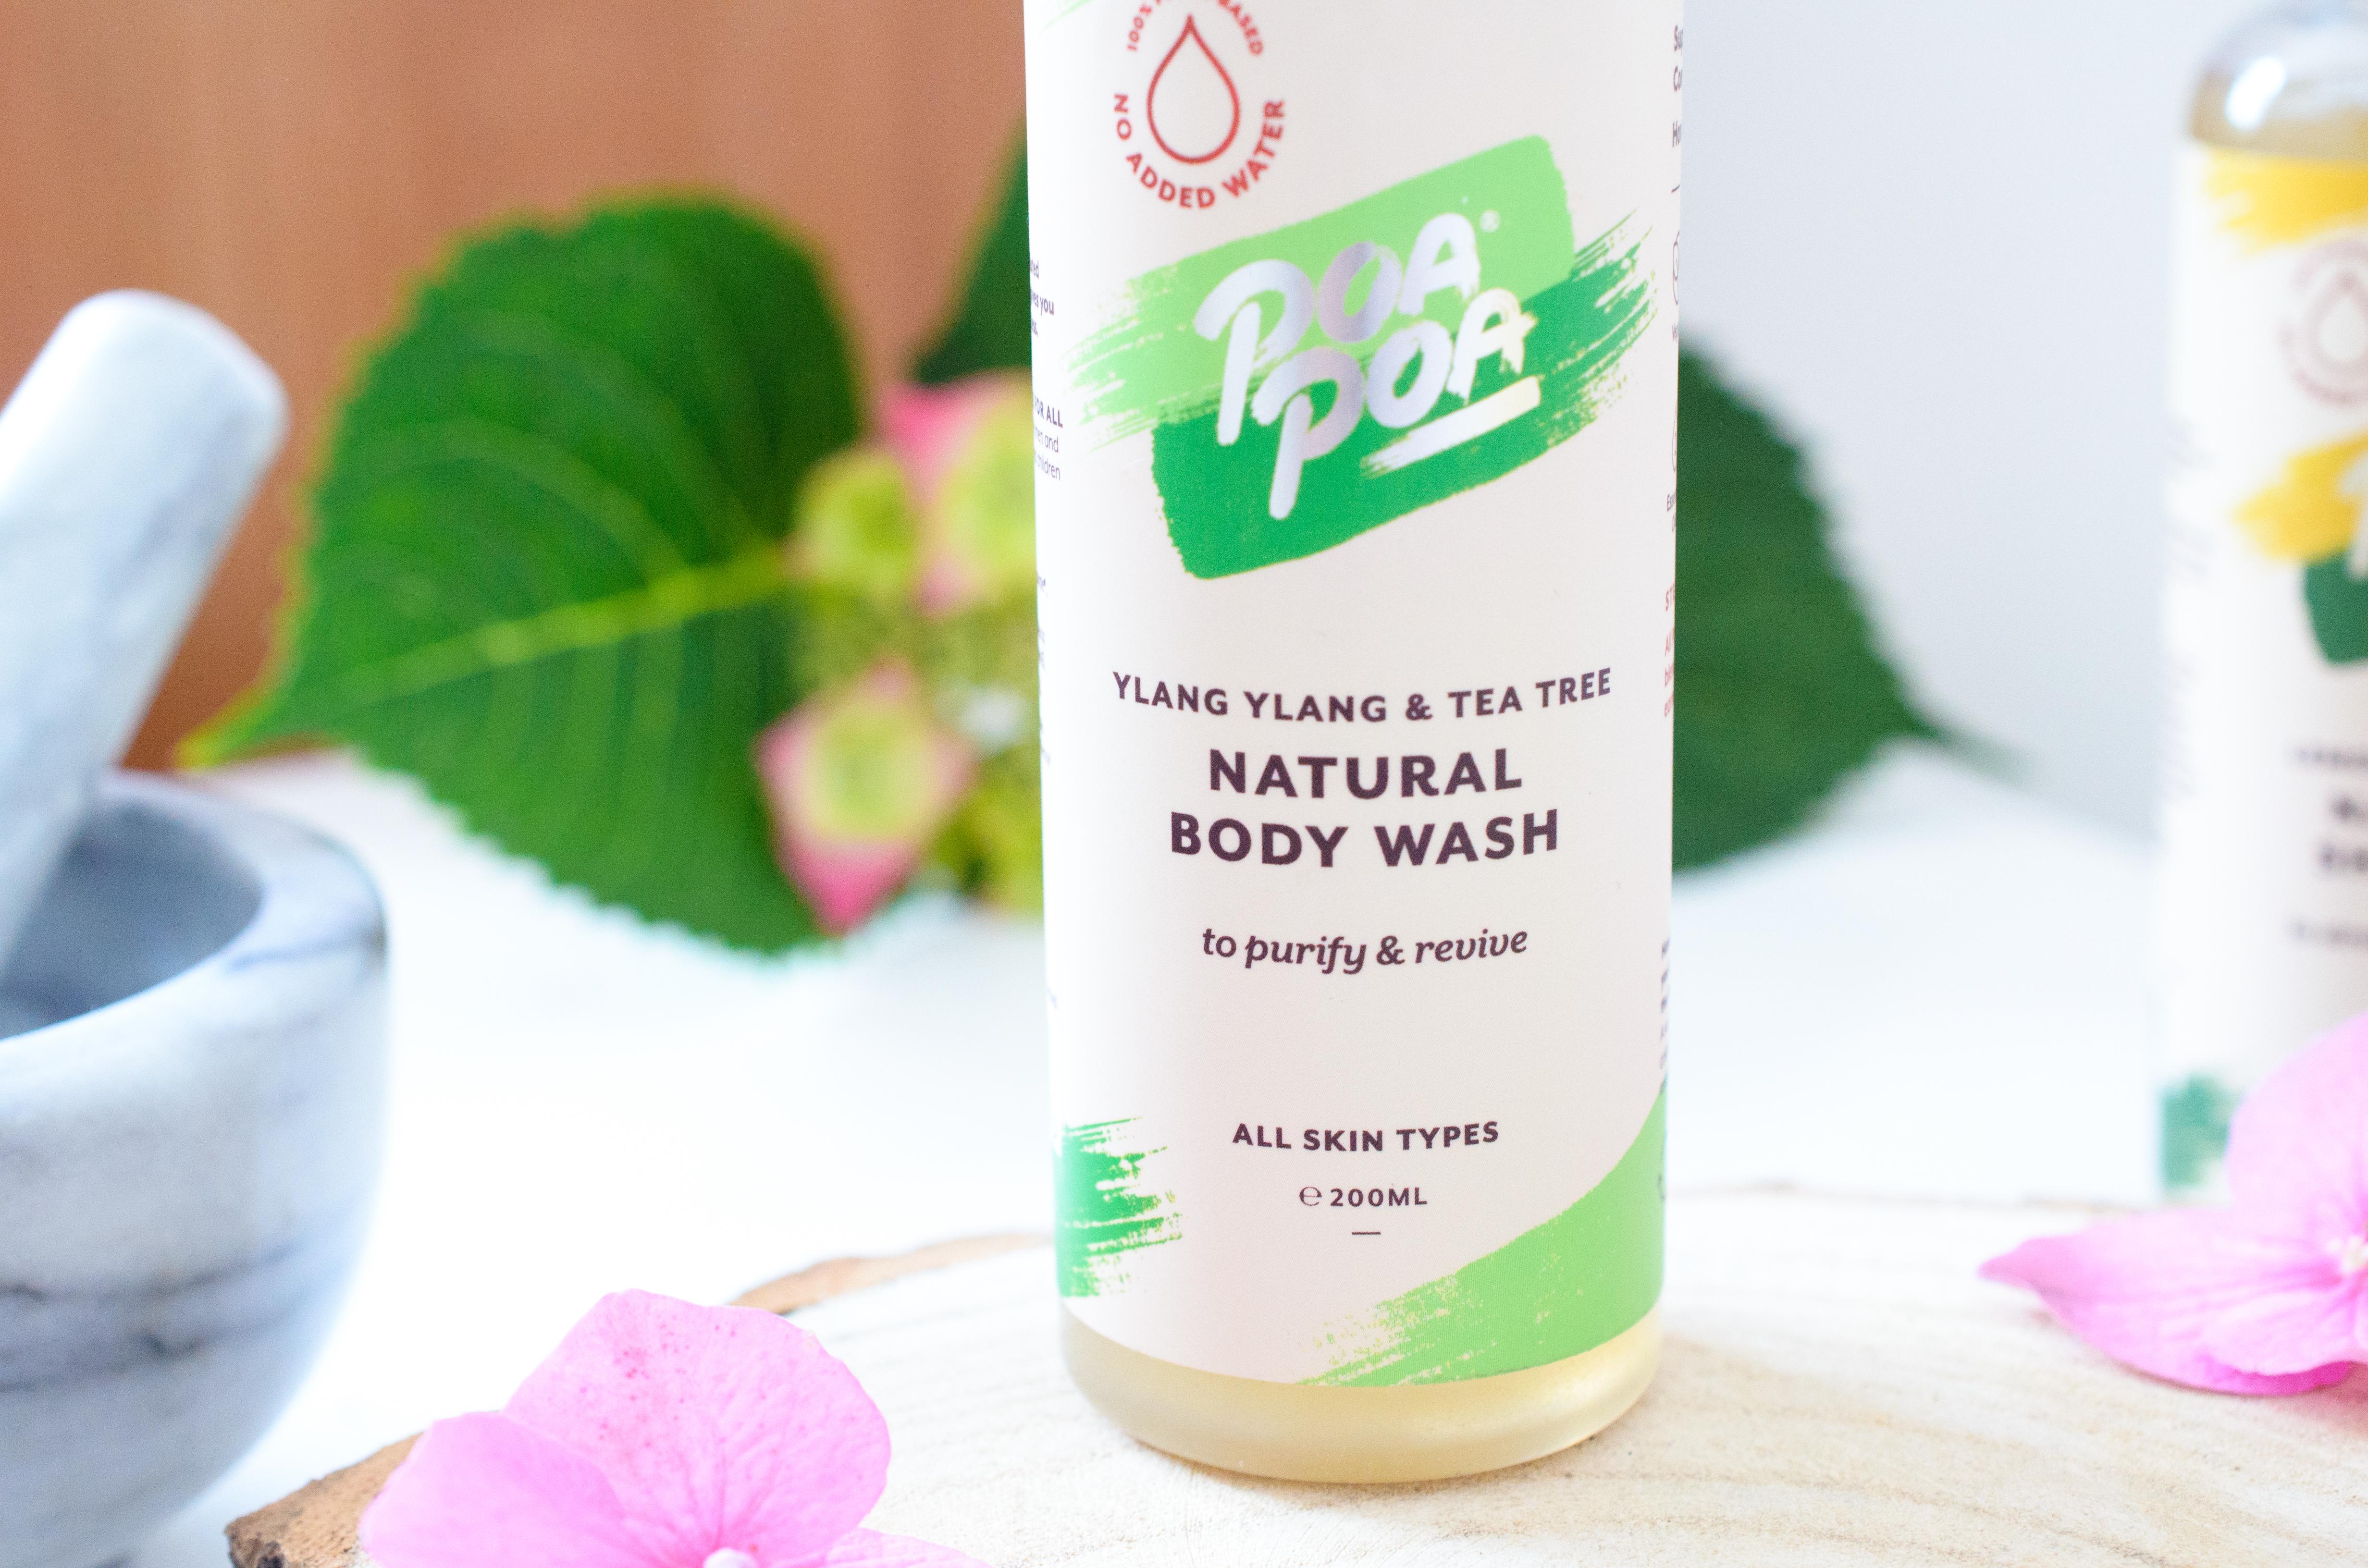 Poapoa Ylang Ylang & Tea Tree Body Wash